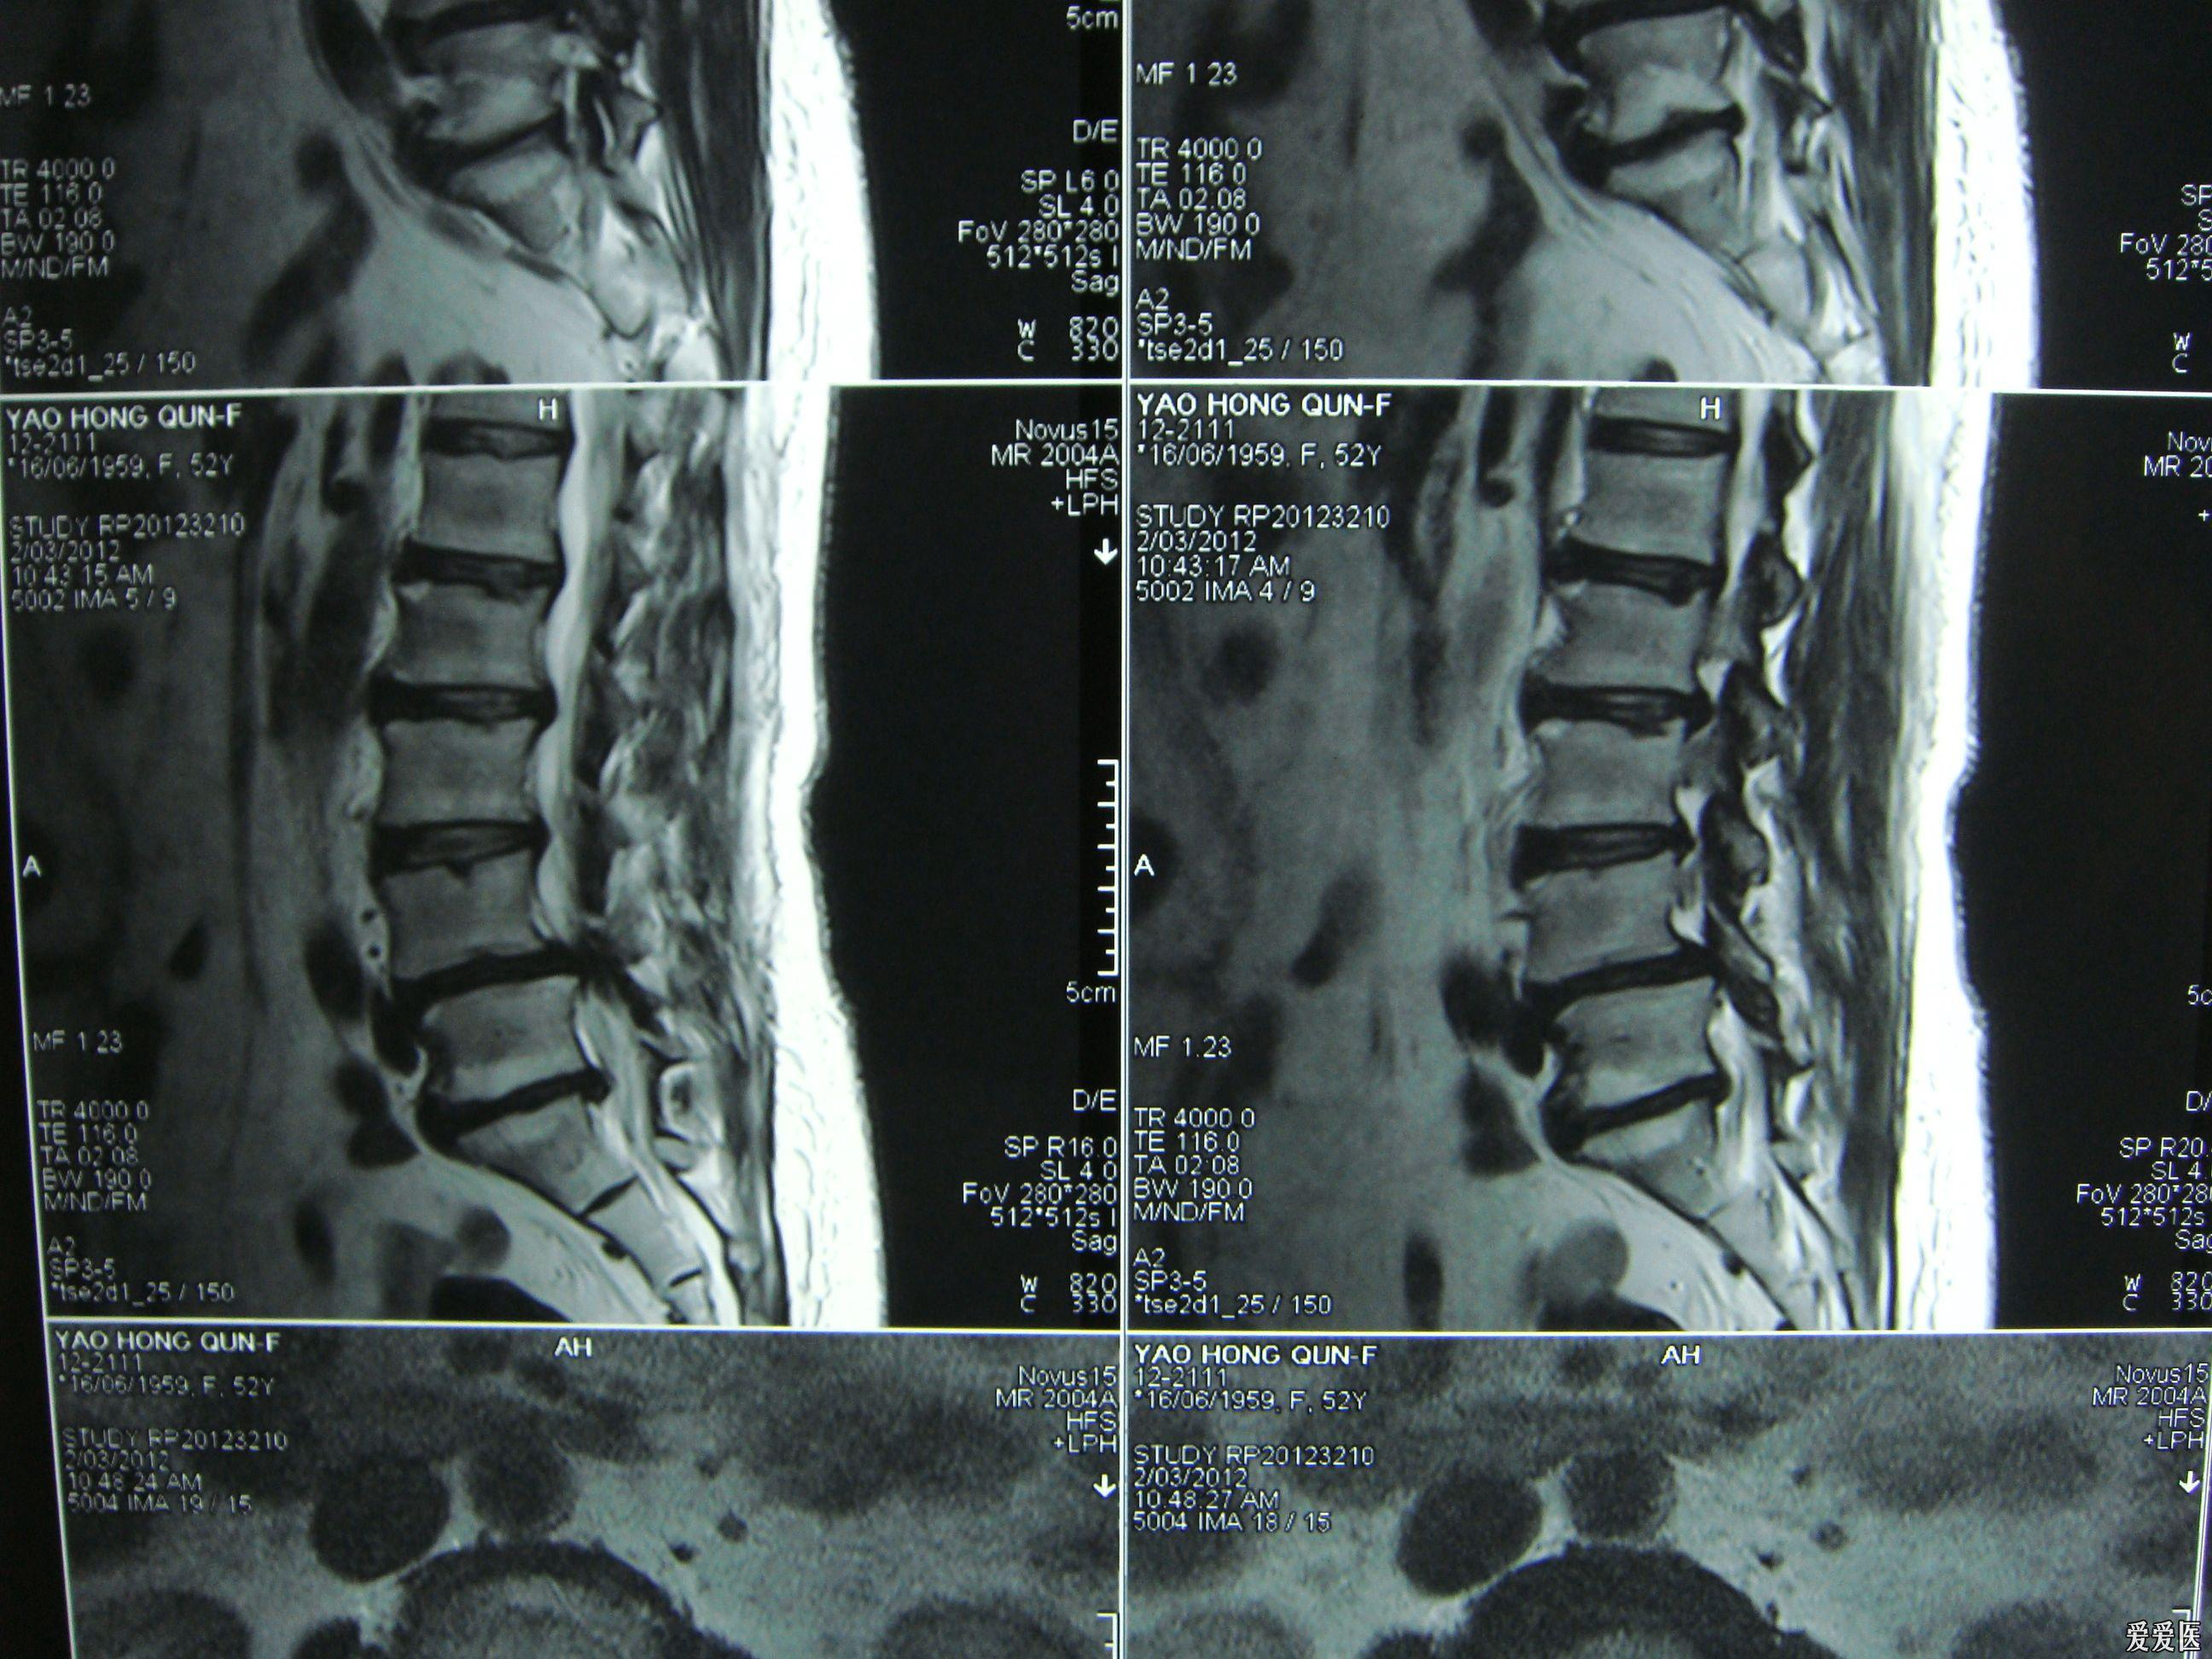 腰椎间盘突出并椎管狭窄